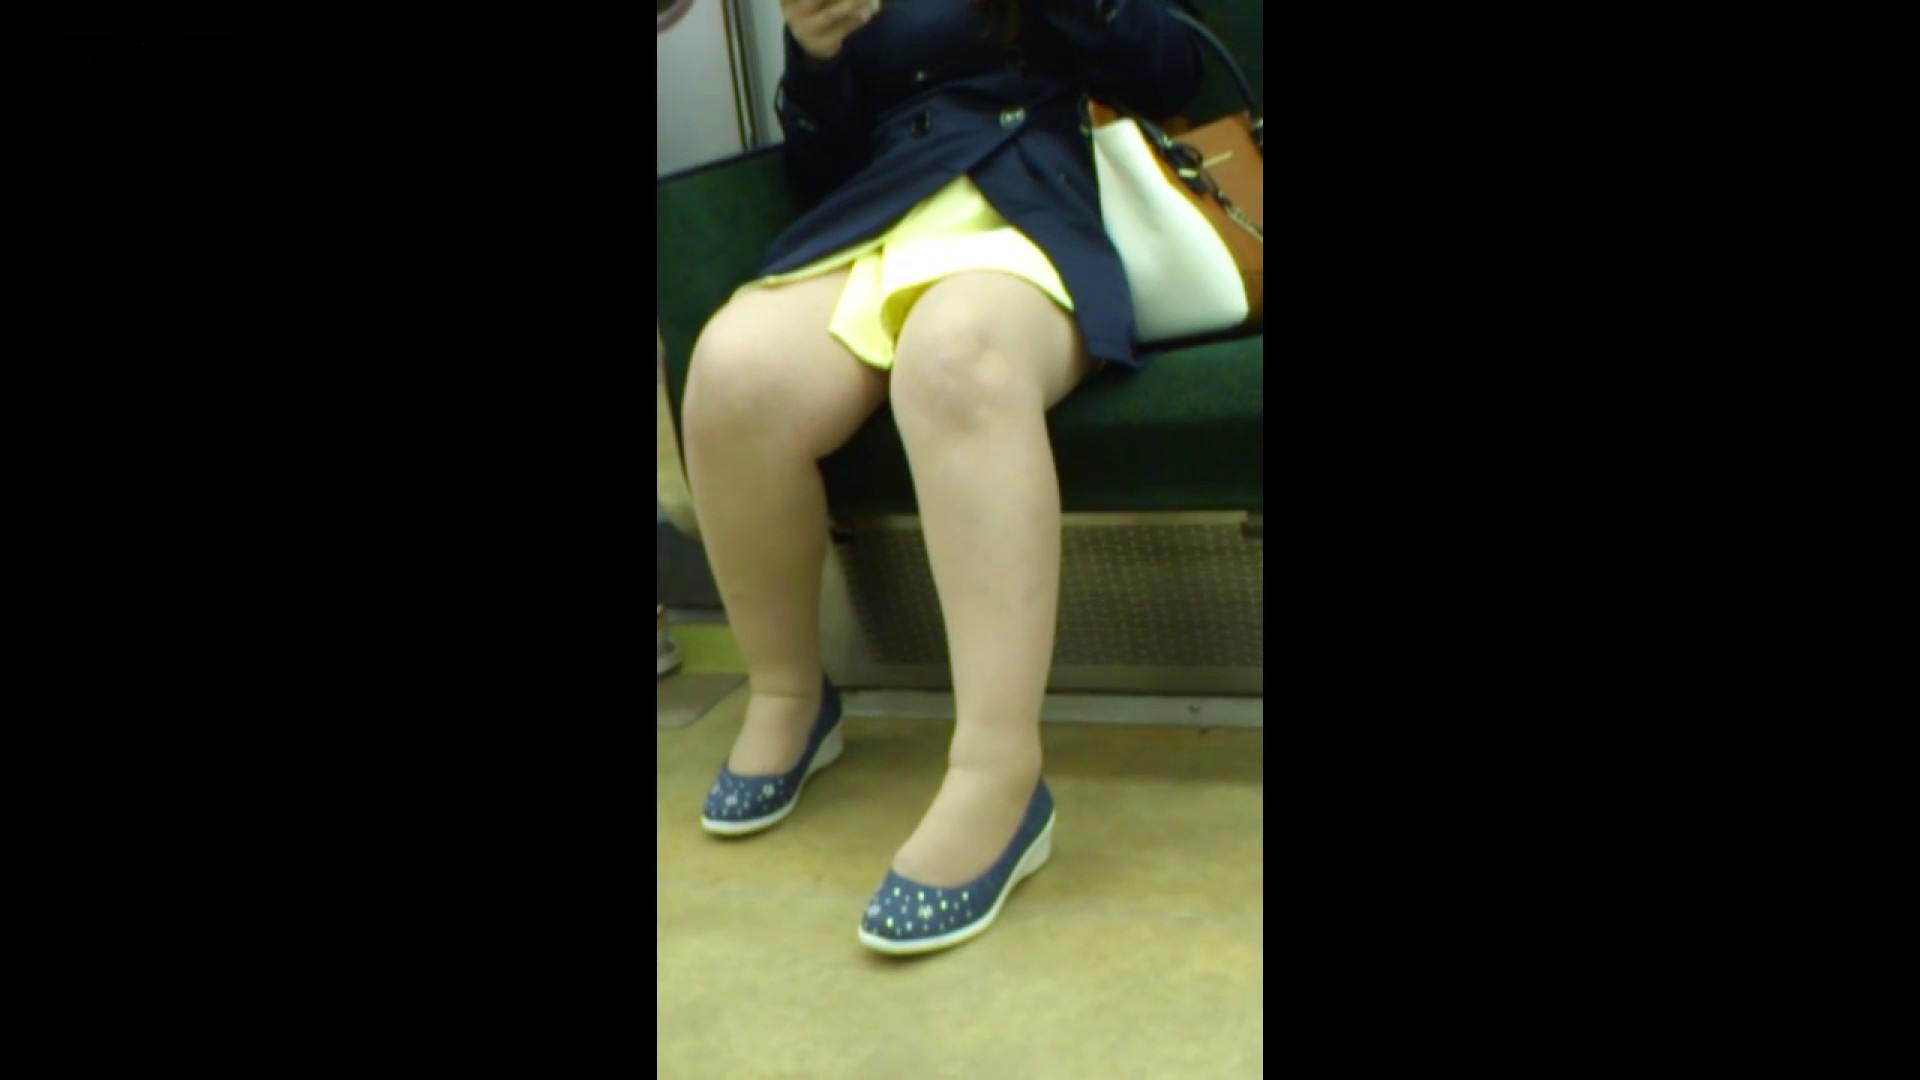 盗撮列車 Vol.54 春色の黄色のスカート エッチすぎるOL達  88連発 21